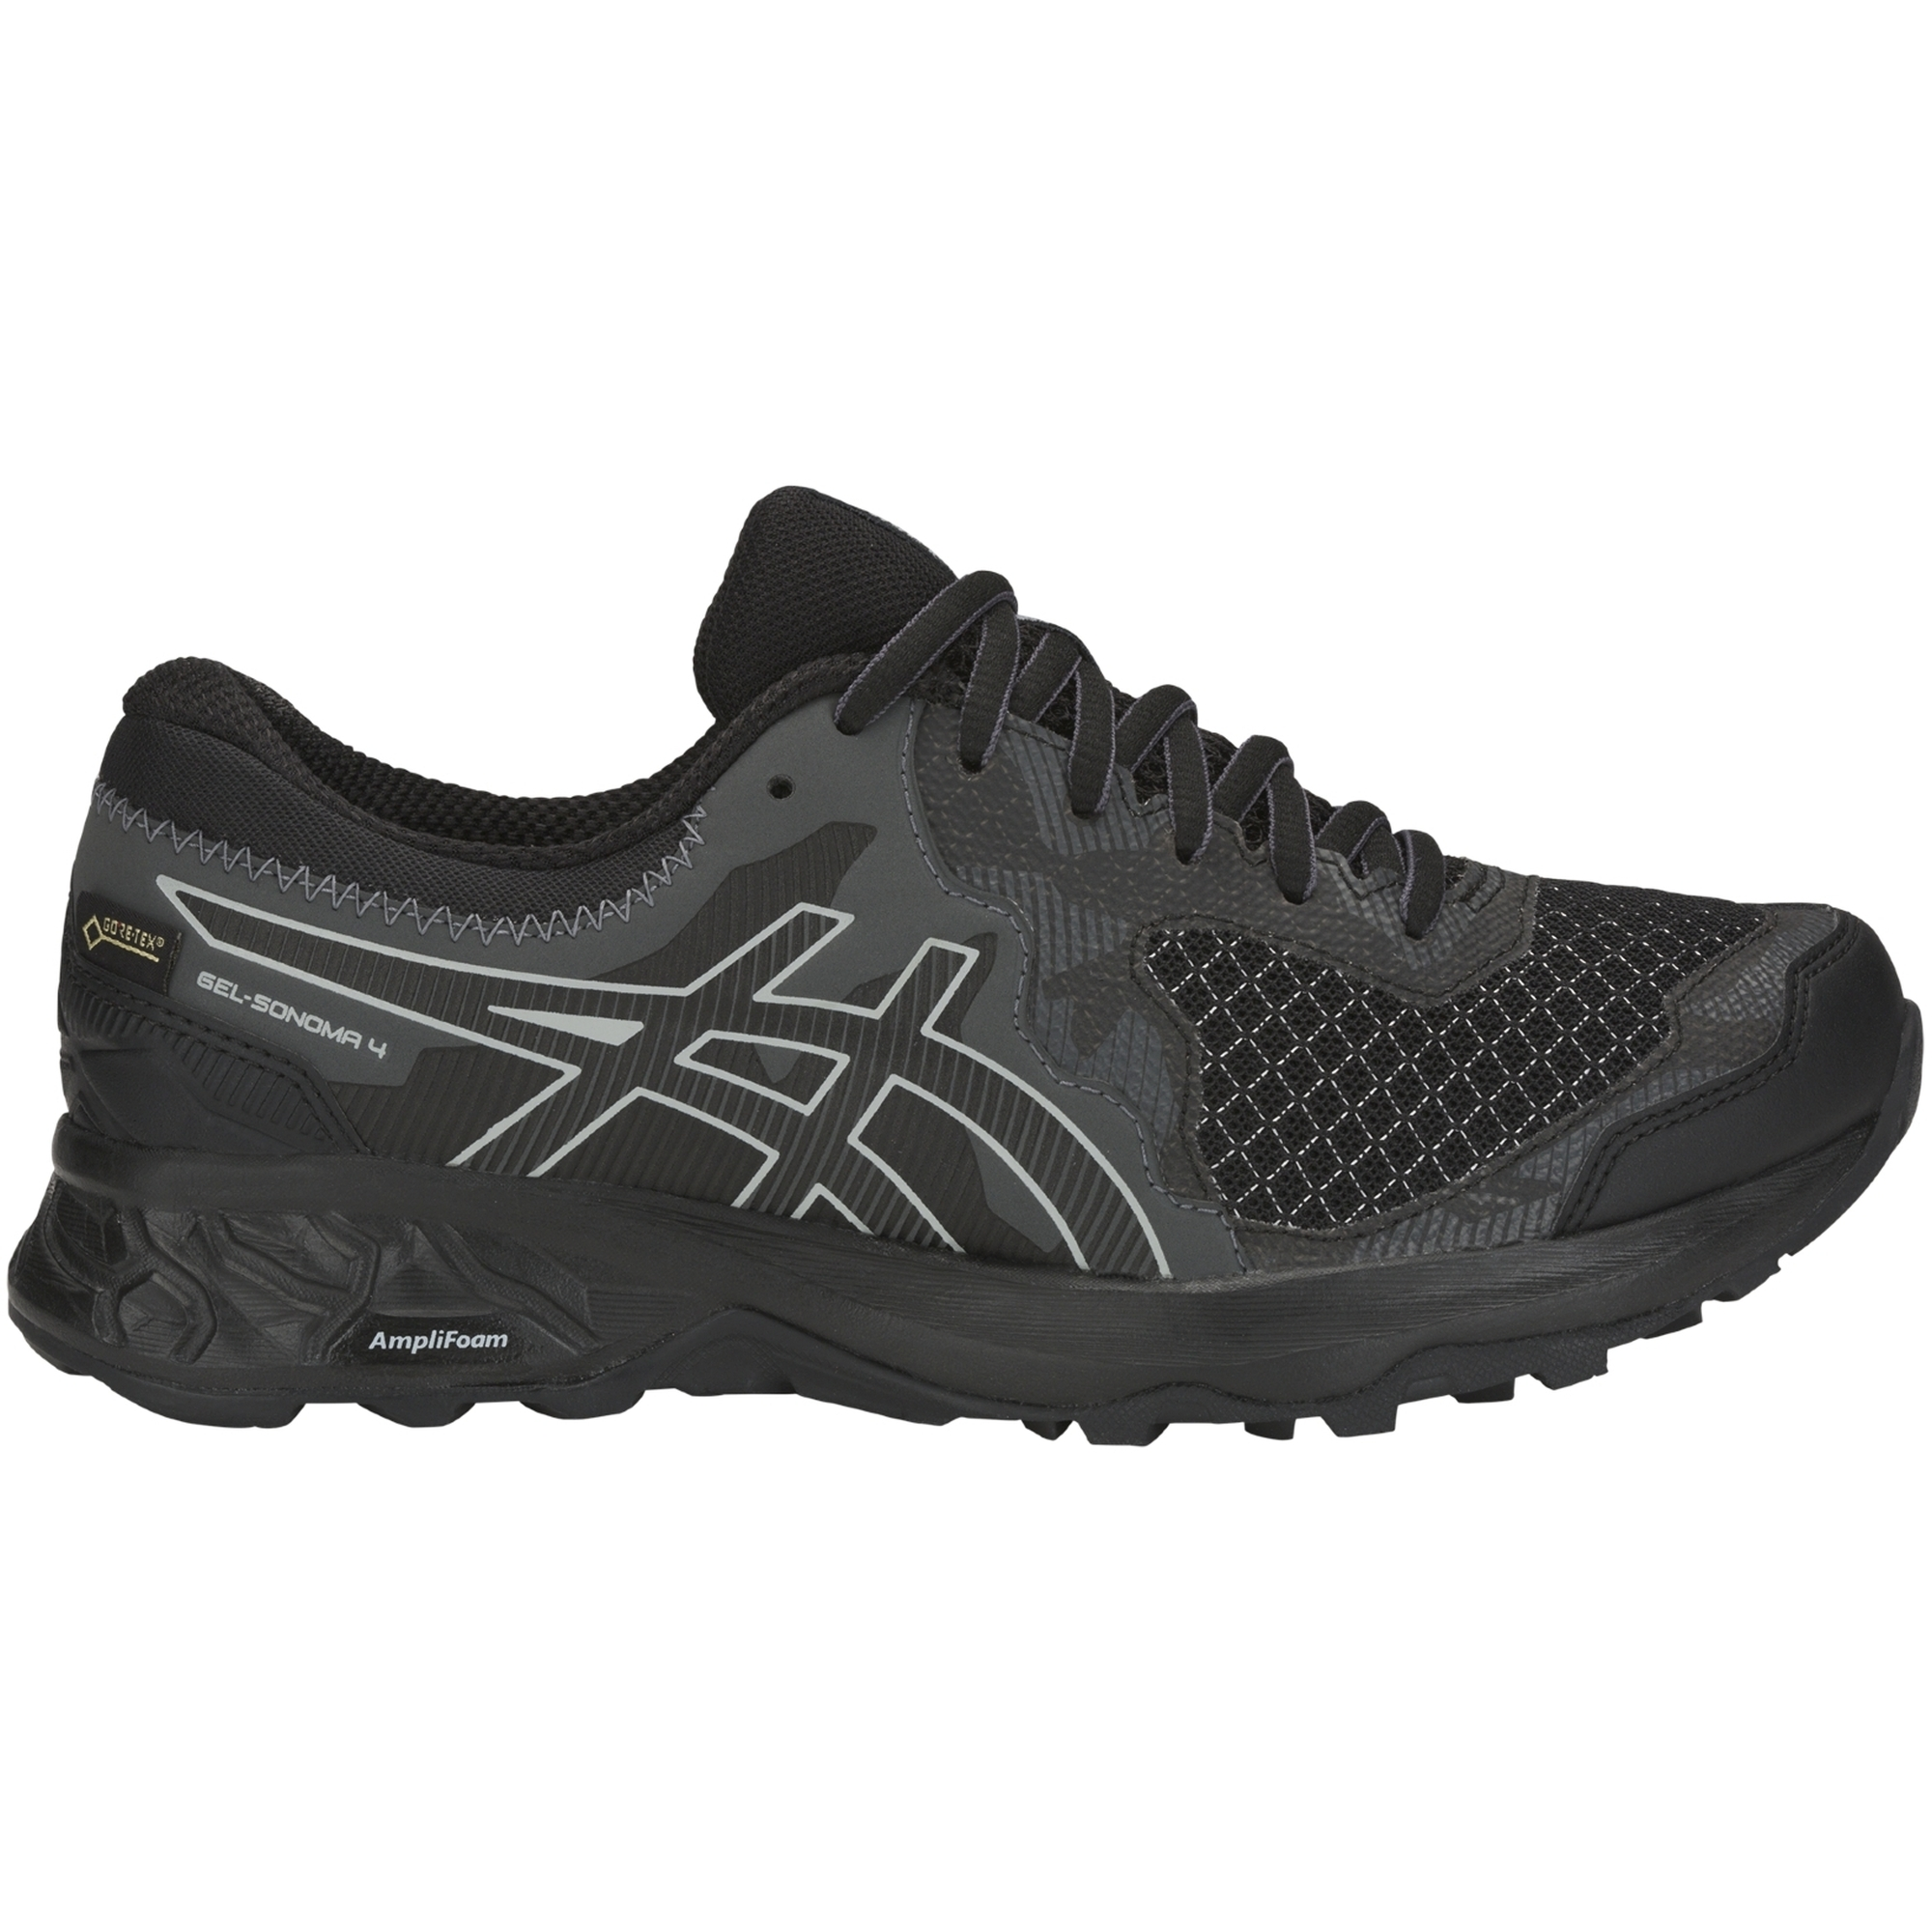 Asics Damen Laufschuh Gel Sonoma 4 G Tx | Online kaufen